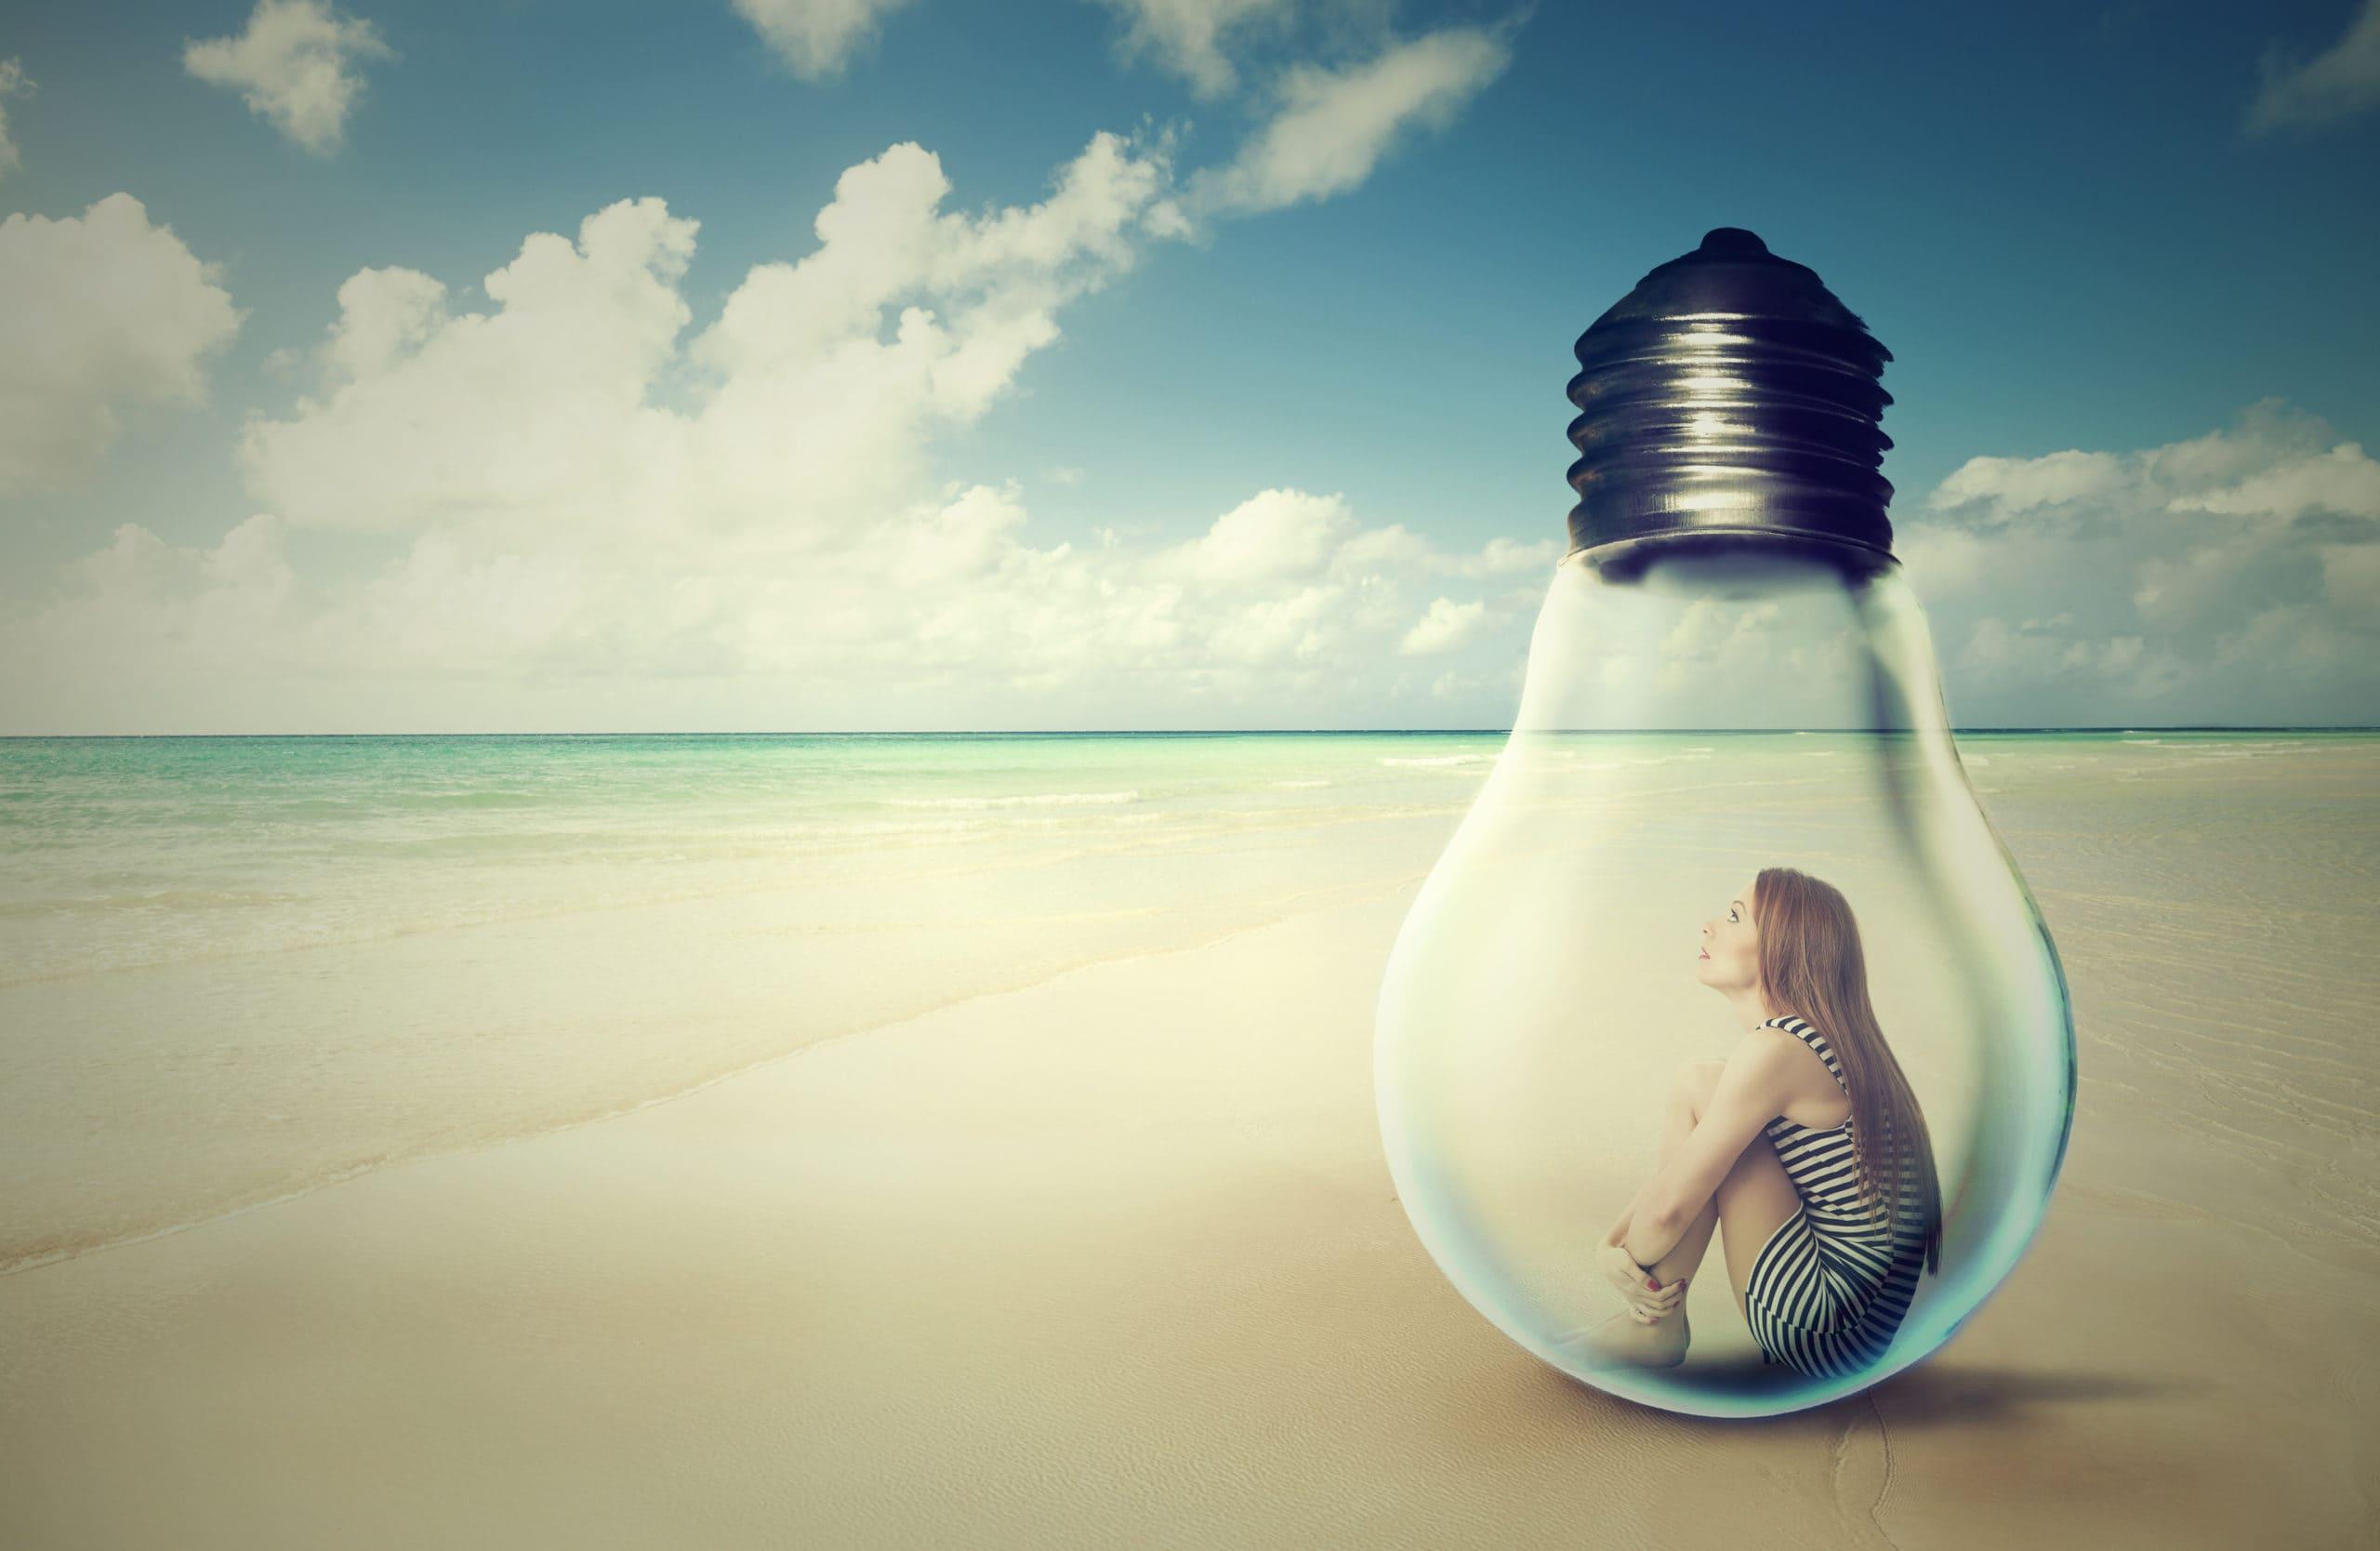 Woman on beach in light bulb